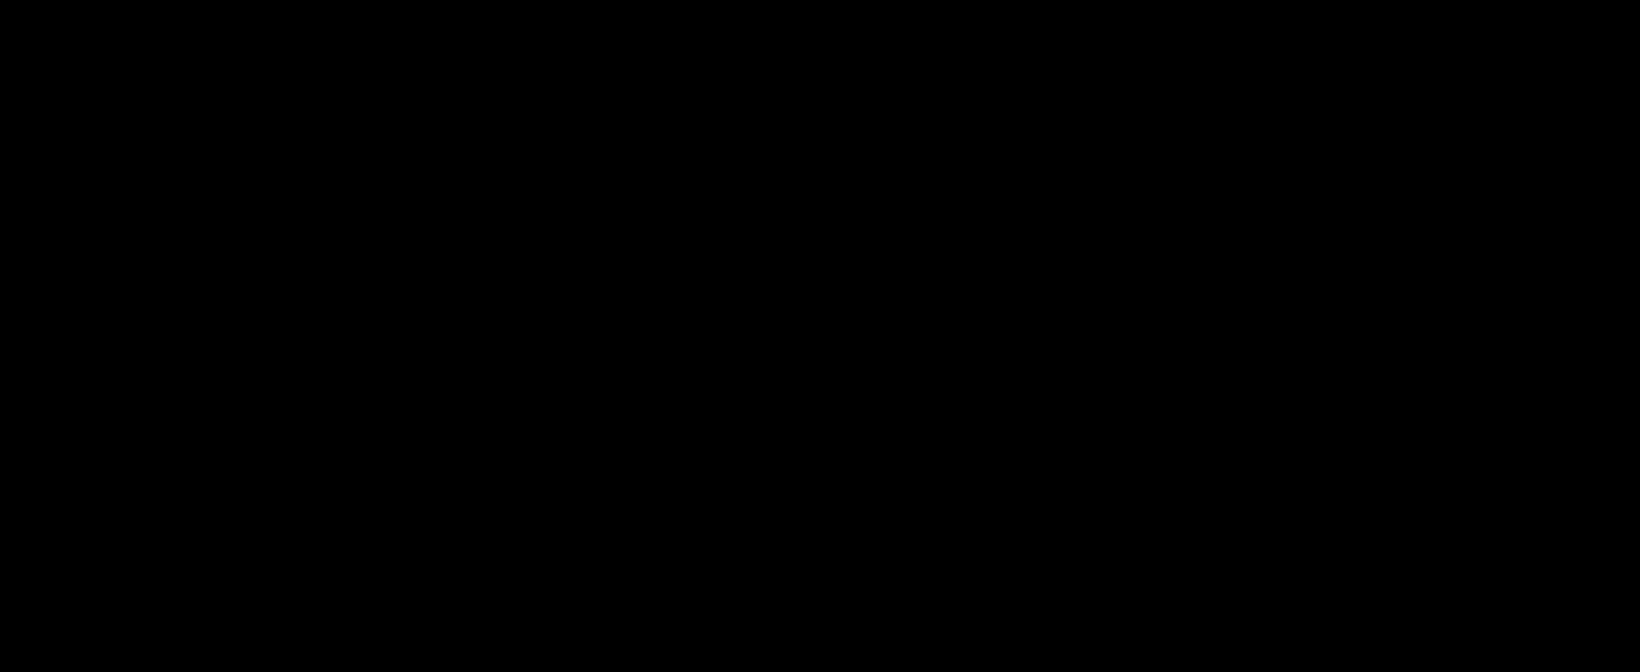 LevothyroxineEP impurity J